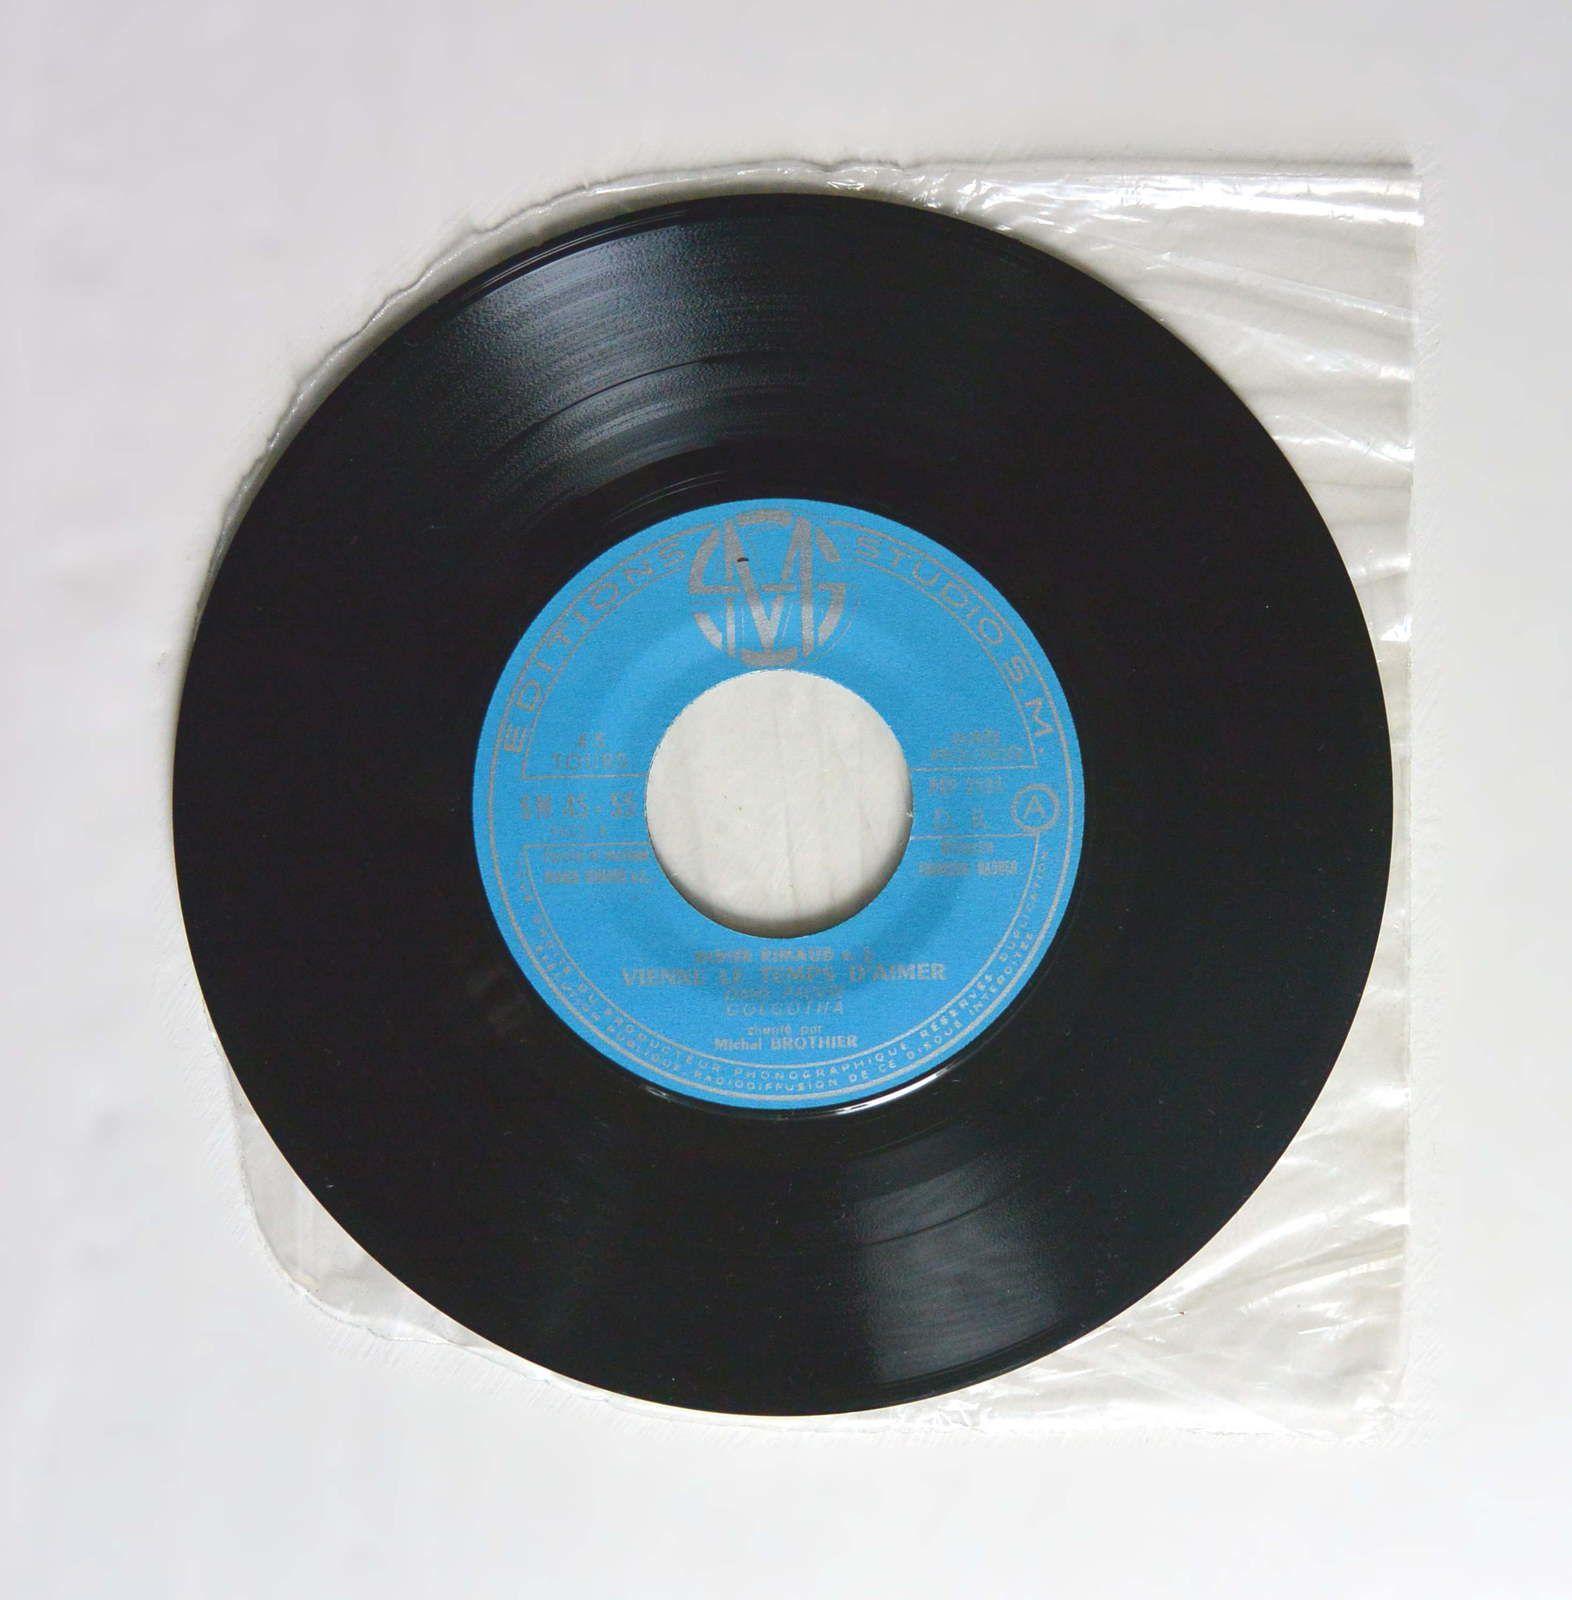 Disque vinyle 45T M.Brothier &quot&#x3B;Vienne le temps d'aimer&quot&#x3B;